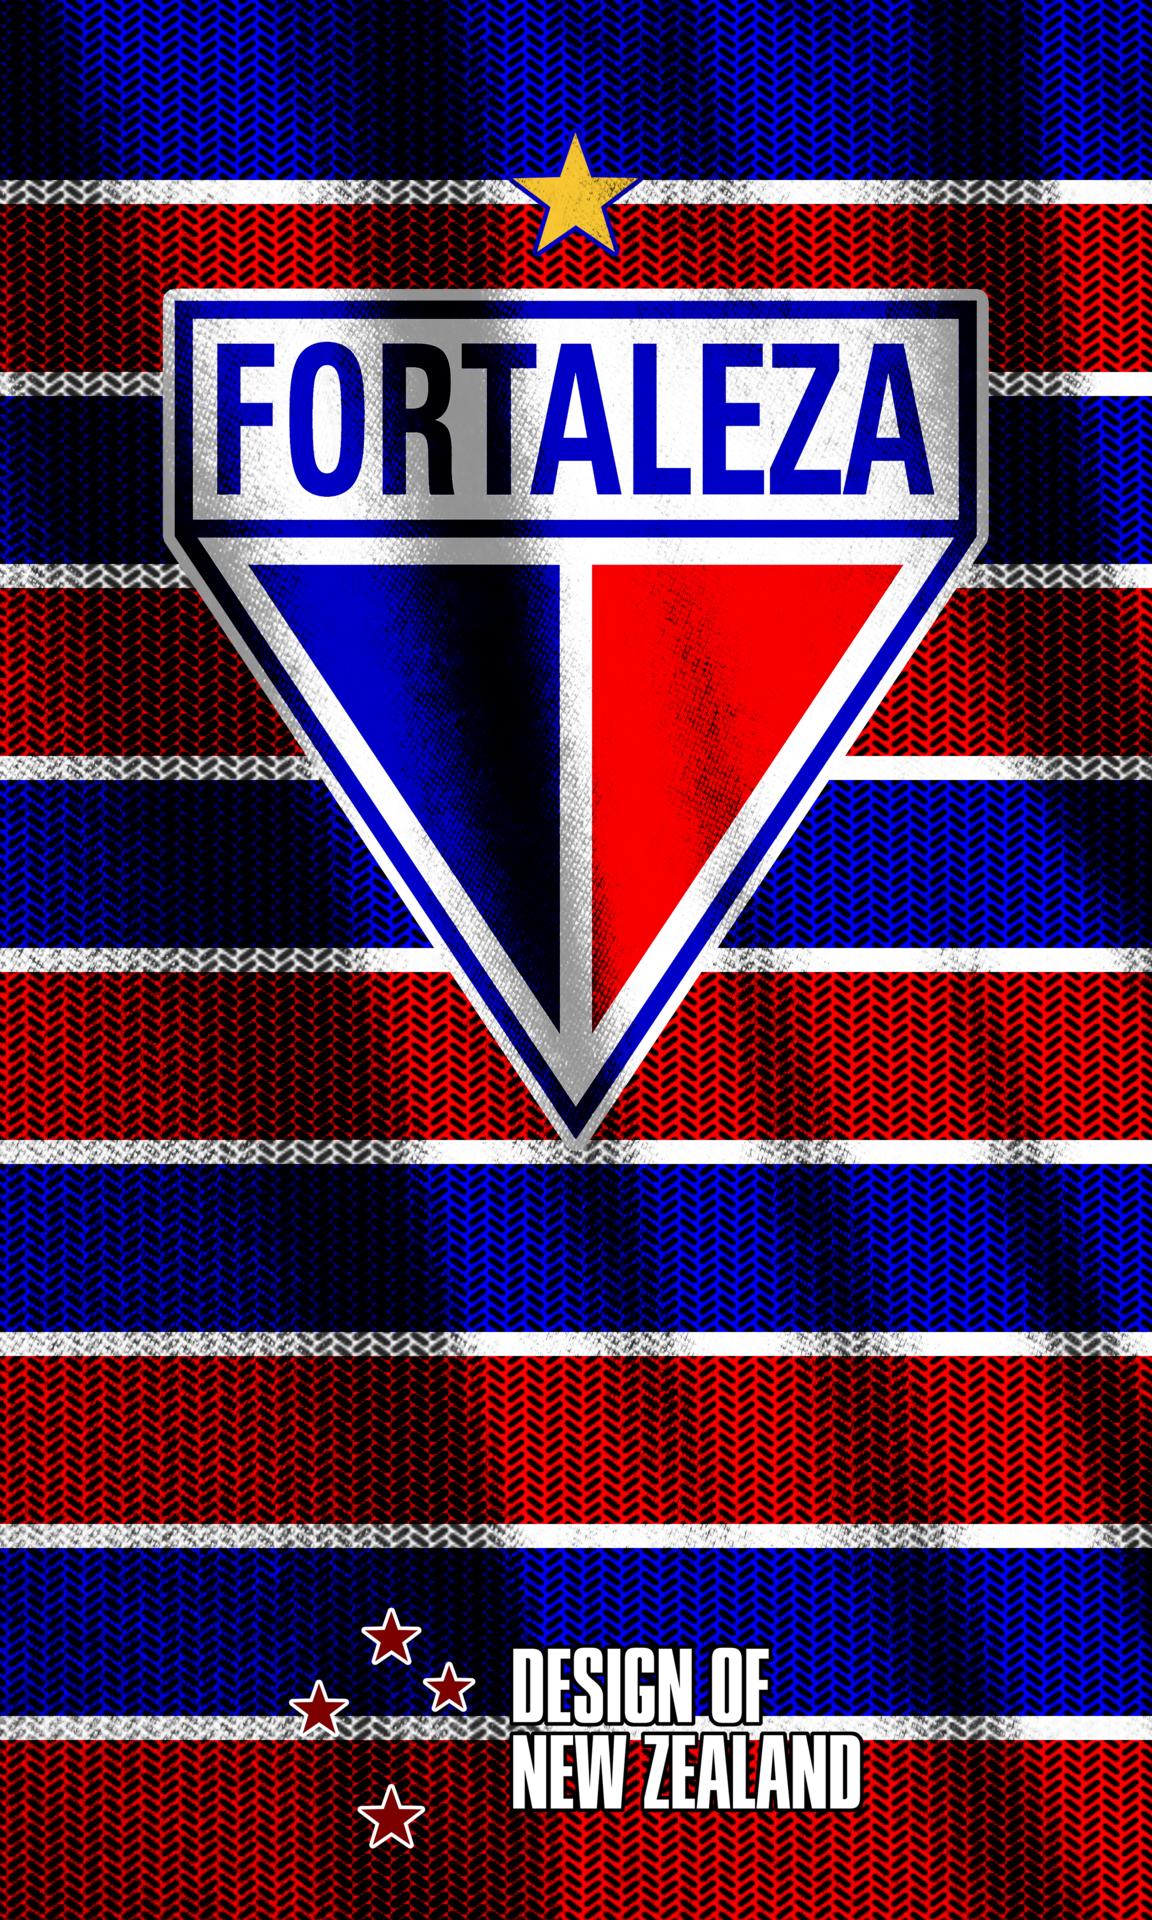 Wallpaper Exclusivo Do Fortaleza Esporte Clube Clube Da Cidade De Fortaleza Estado Do Ceara Brasil Fortaleza Futebol Fortaleza Esporte Fortaleza